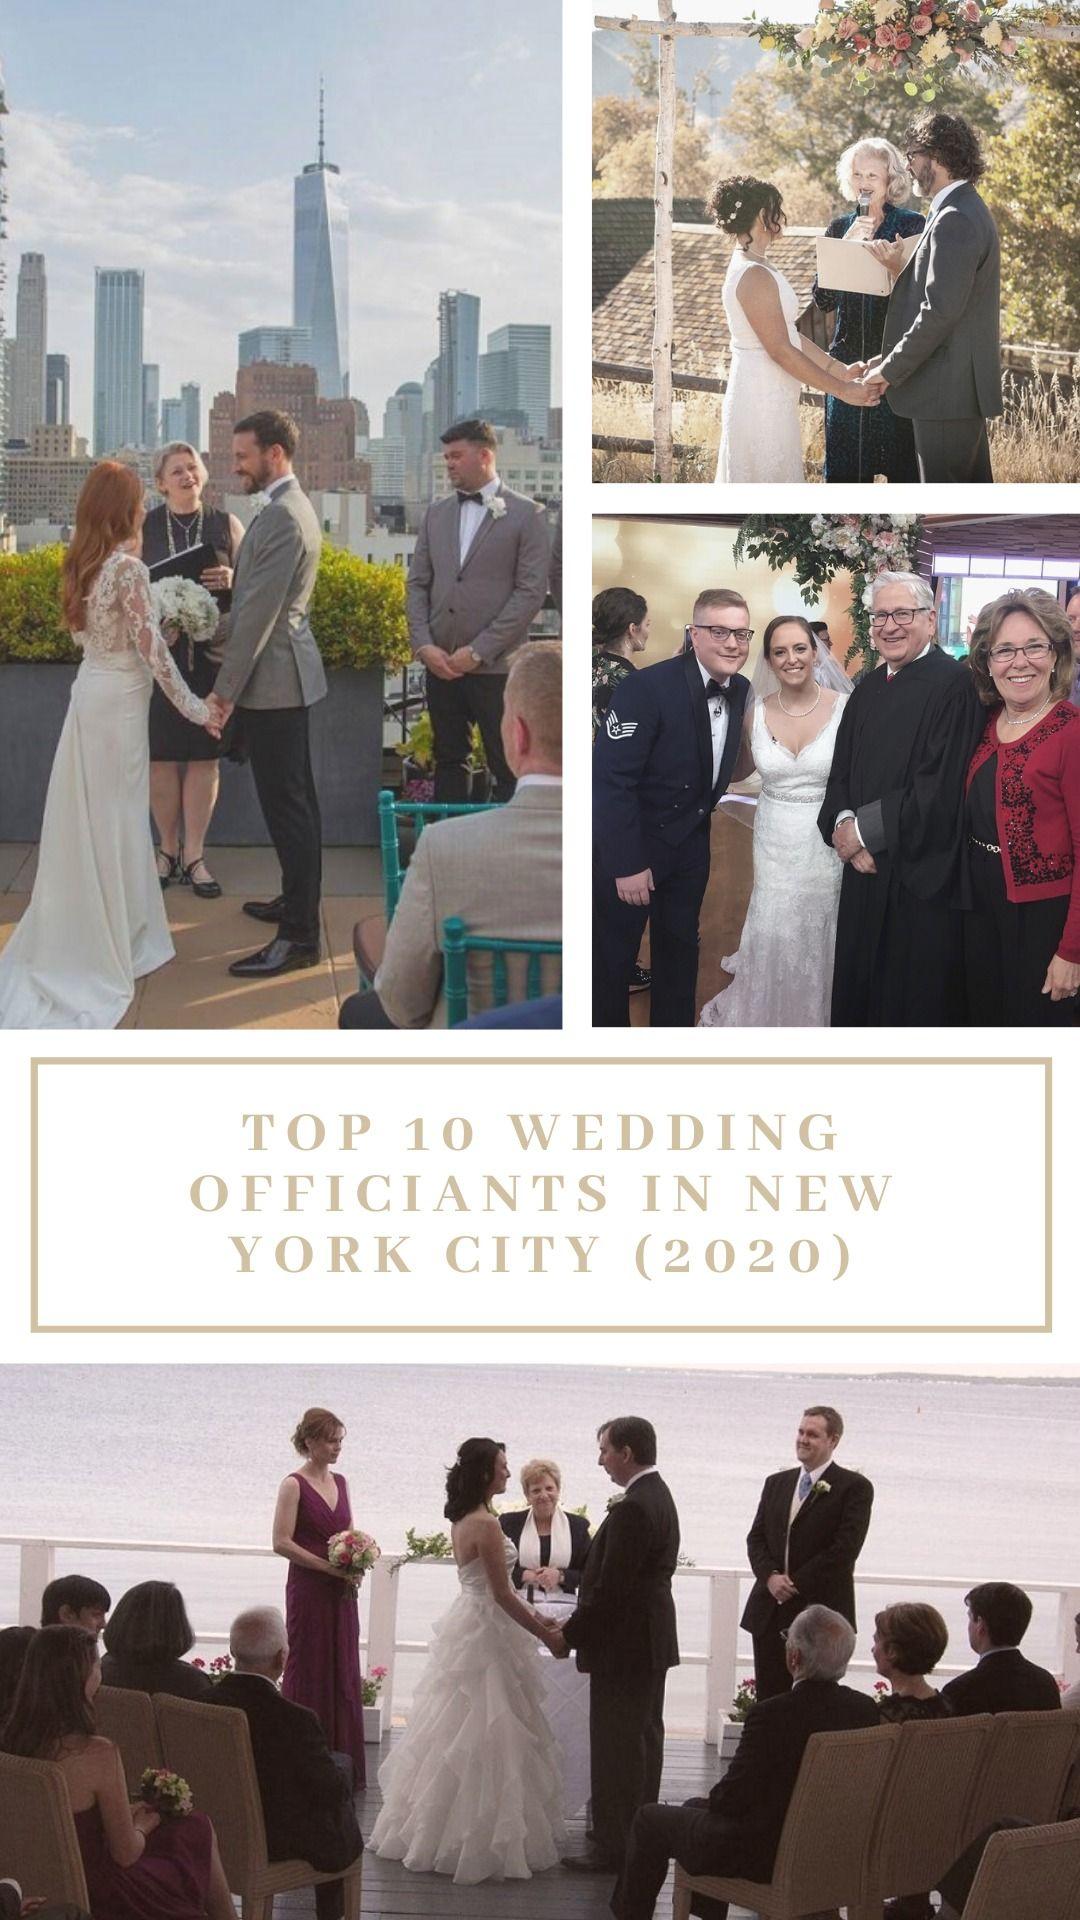 Top 10 Wedding Officiants In New York City 2020 Wedding Officiant Officiants Marriage Officiant